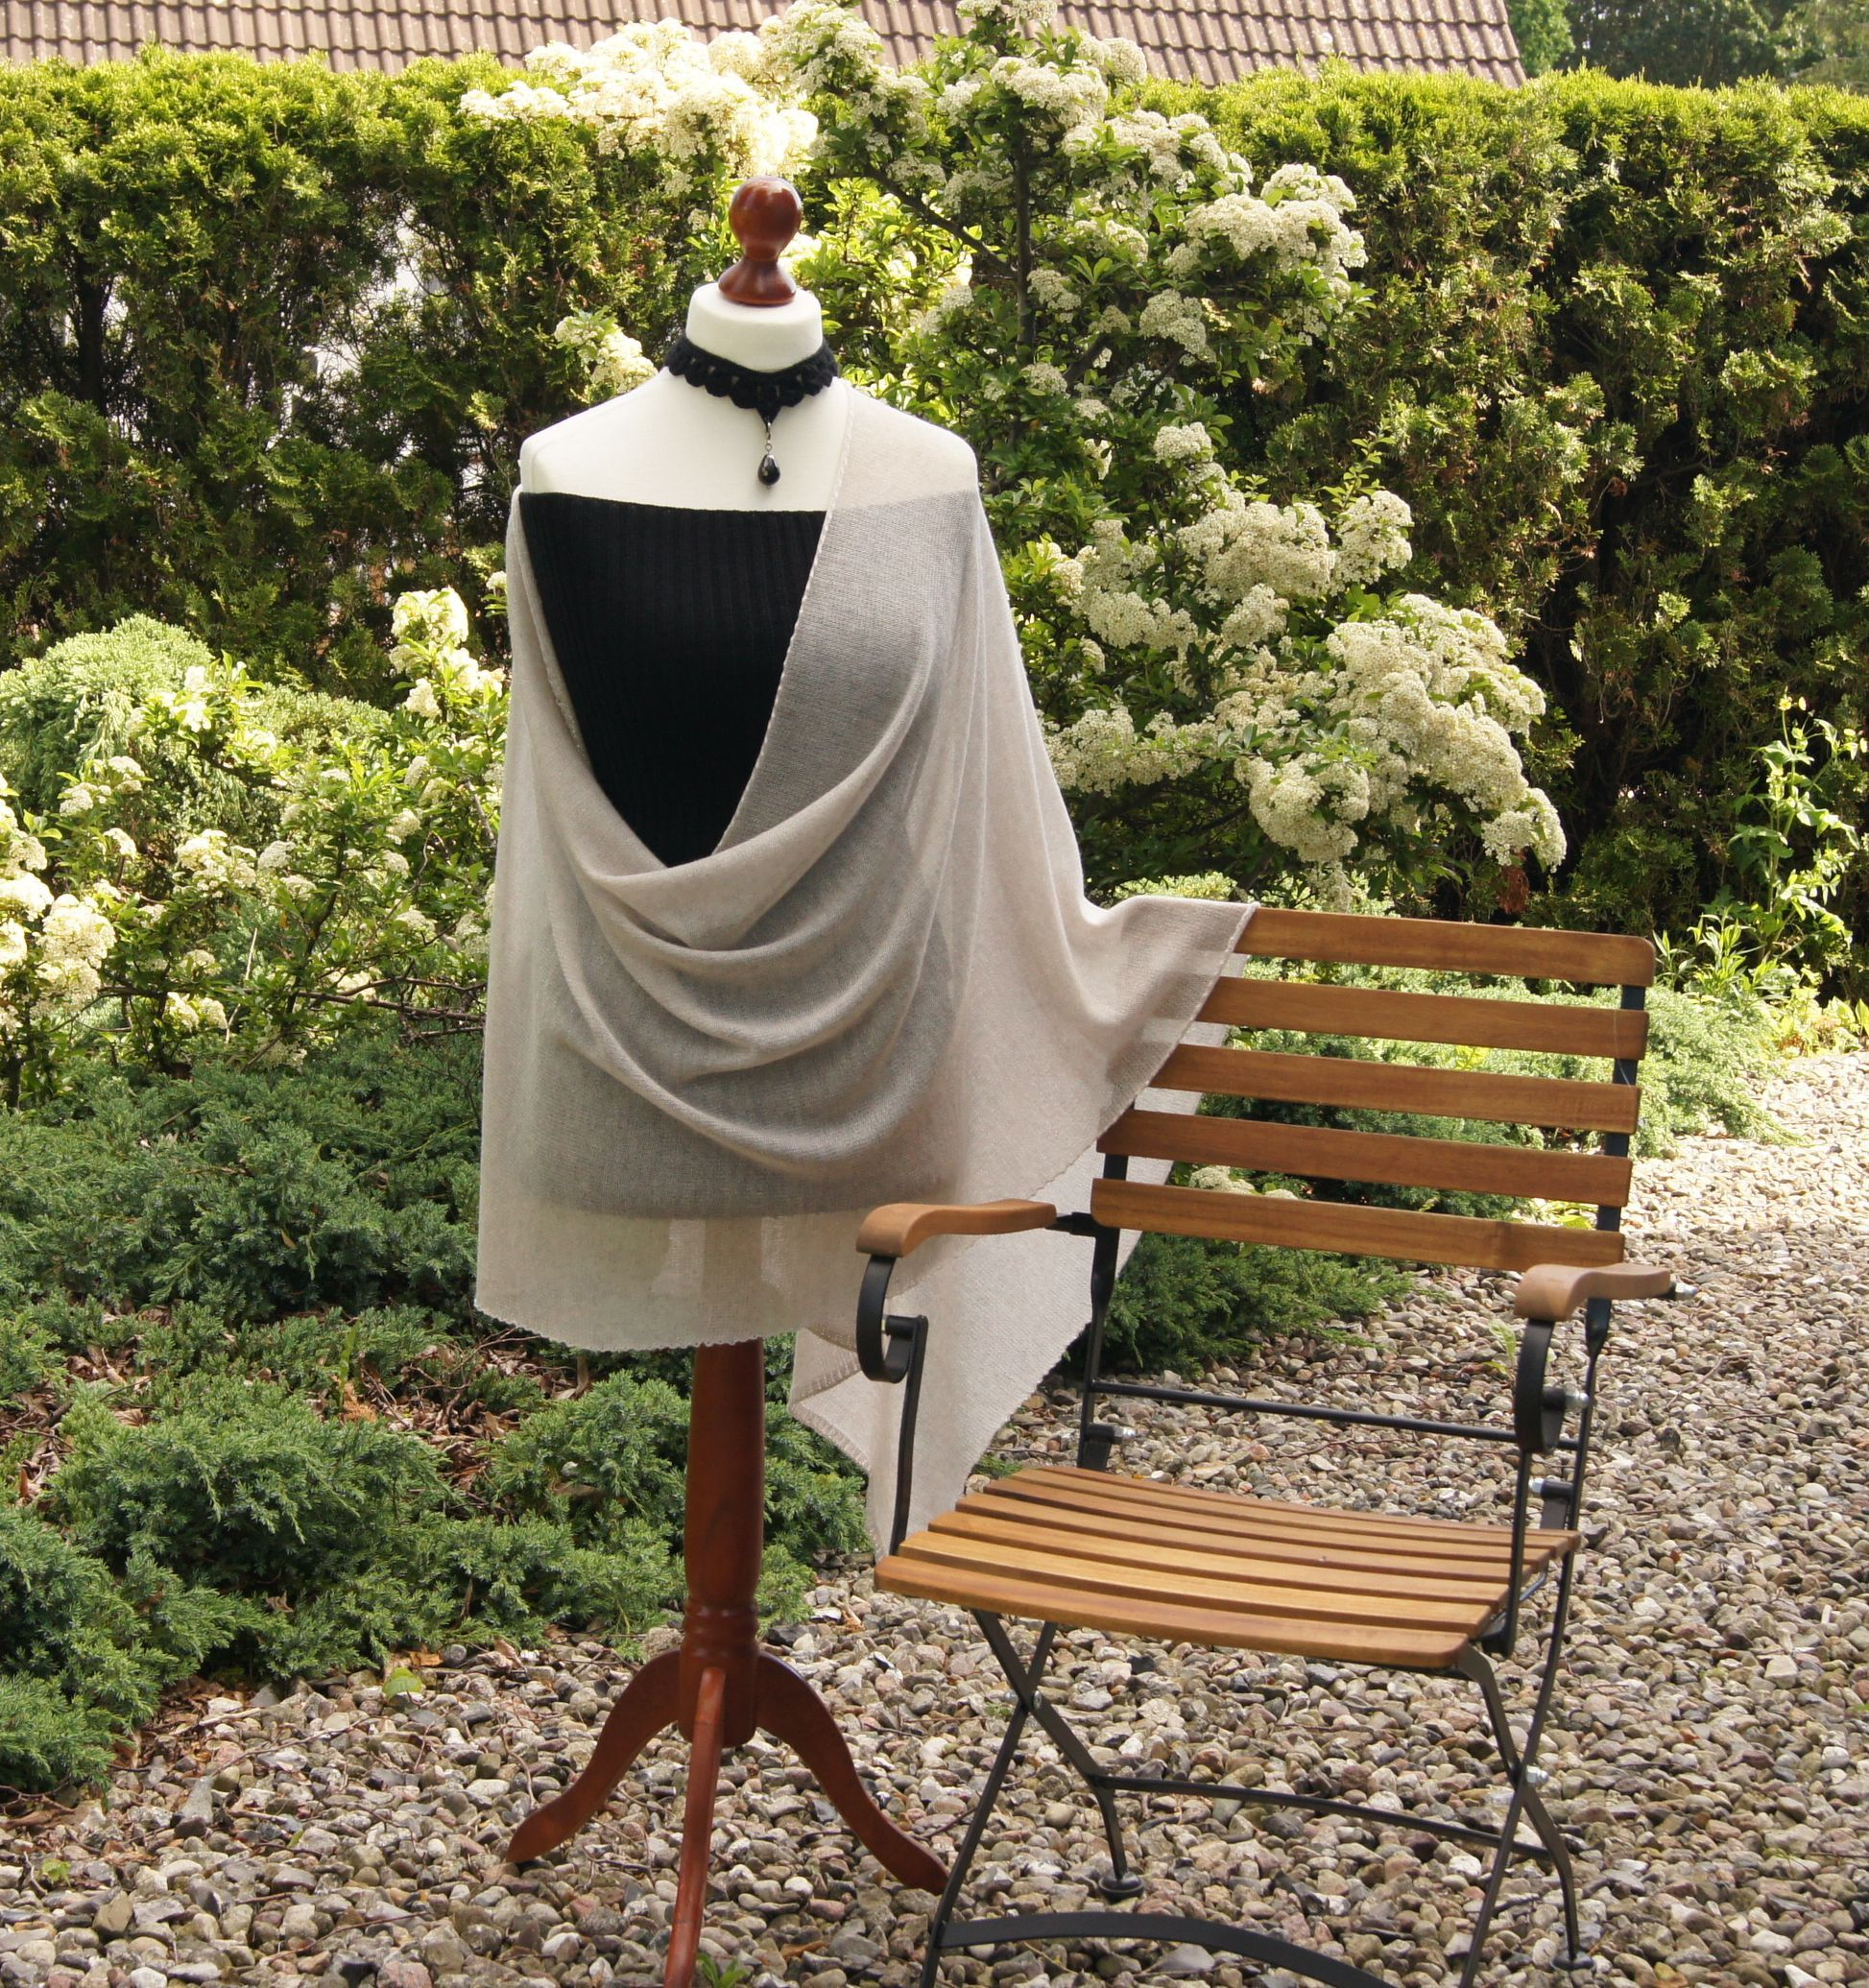 Xxl Lace Merinotuch Mum Mode Brautstola Hochzeitsmode Gestrickt Schultertuch Wolle Kratzfrei Hauchfein Oatmeal Beige In 2020 Braut Stola Mode Schultertuch